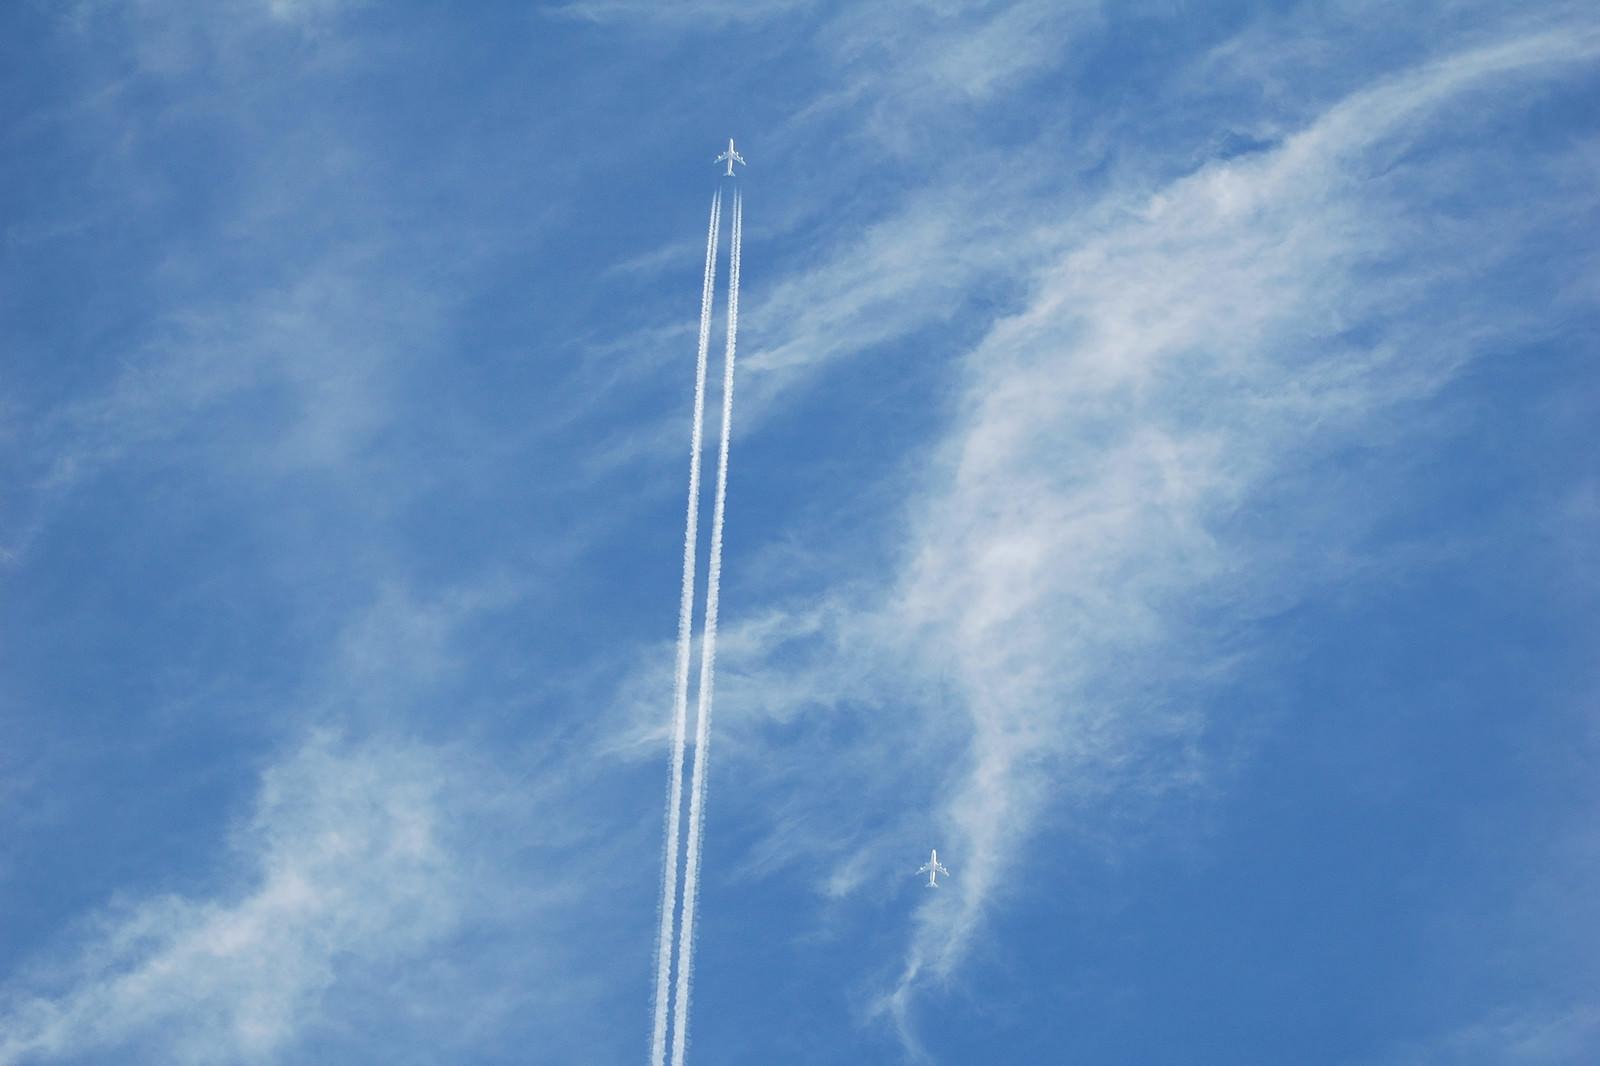 「空に真っすぐ描かれた飛行機雲空に真っすぐ描かれた飛行機雲」のフリー写真素材を拡大